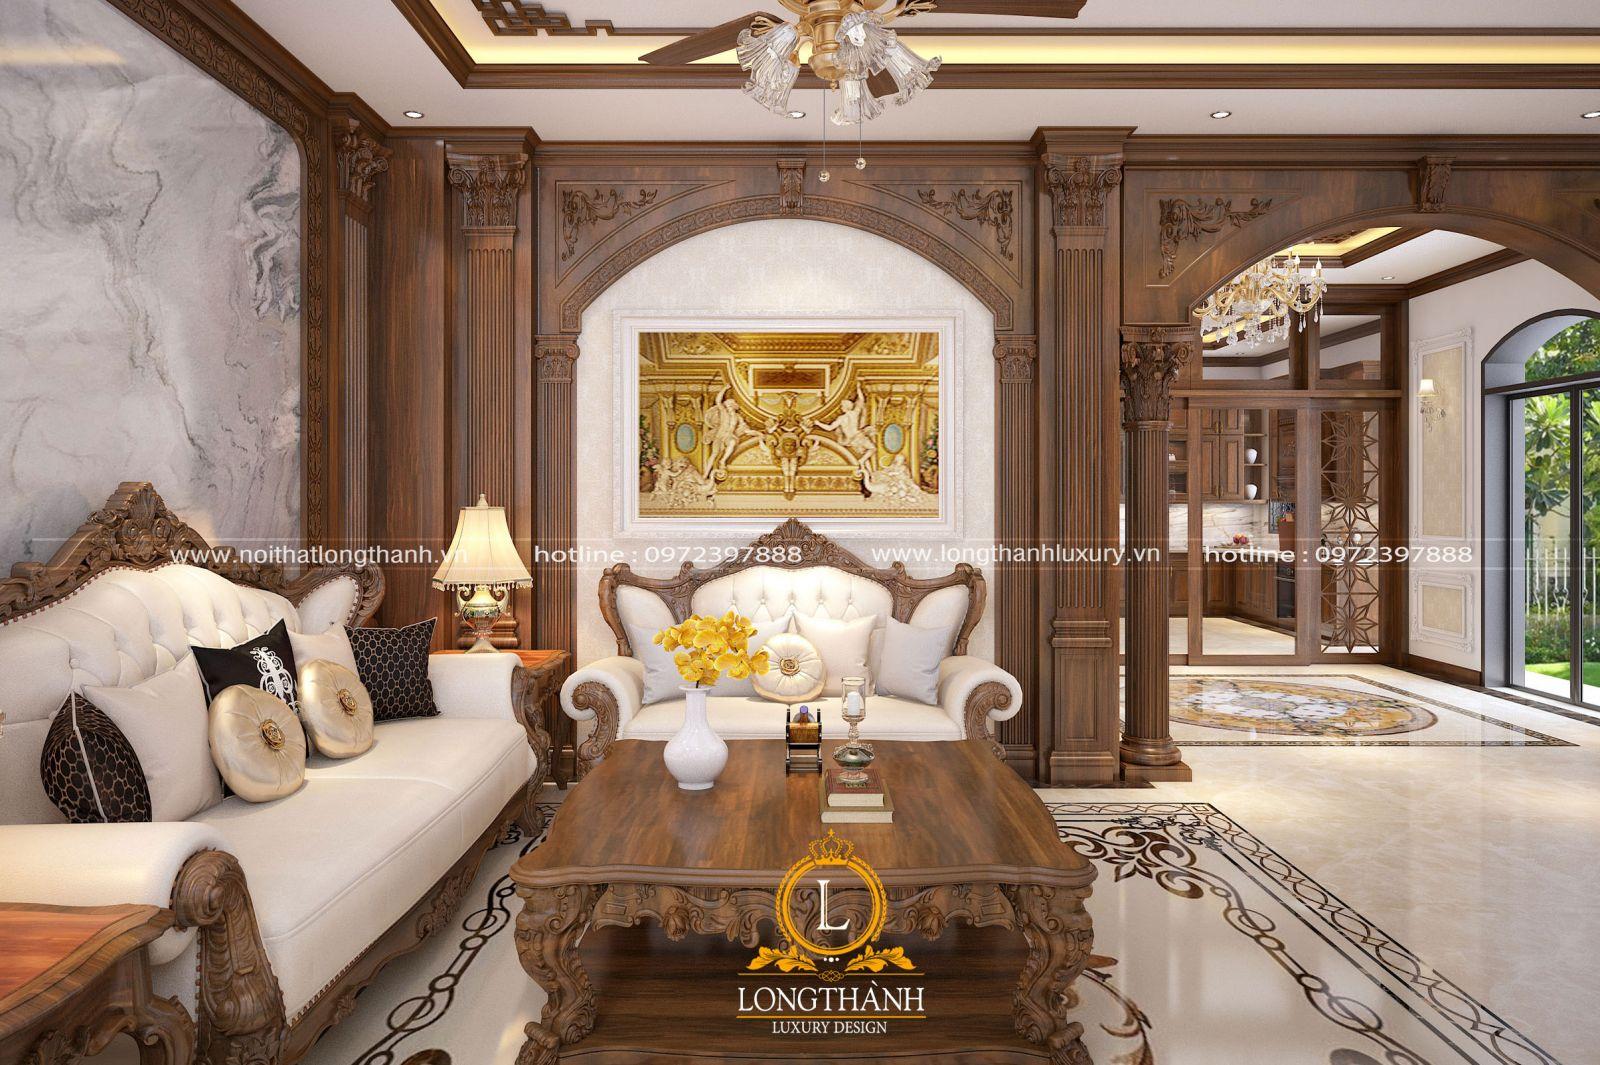 Không gian phòng khách tân cổ điển được thiết kế tinh tế và lãng mạn